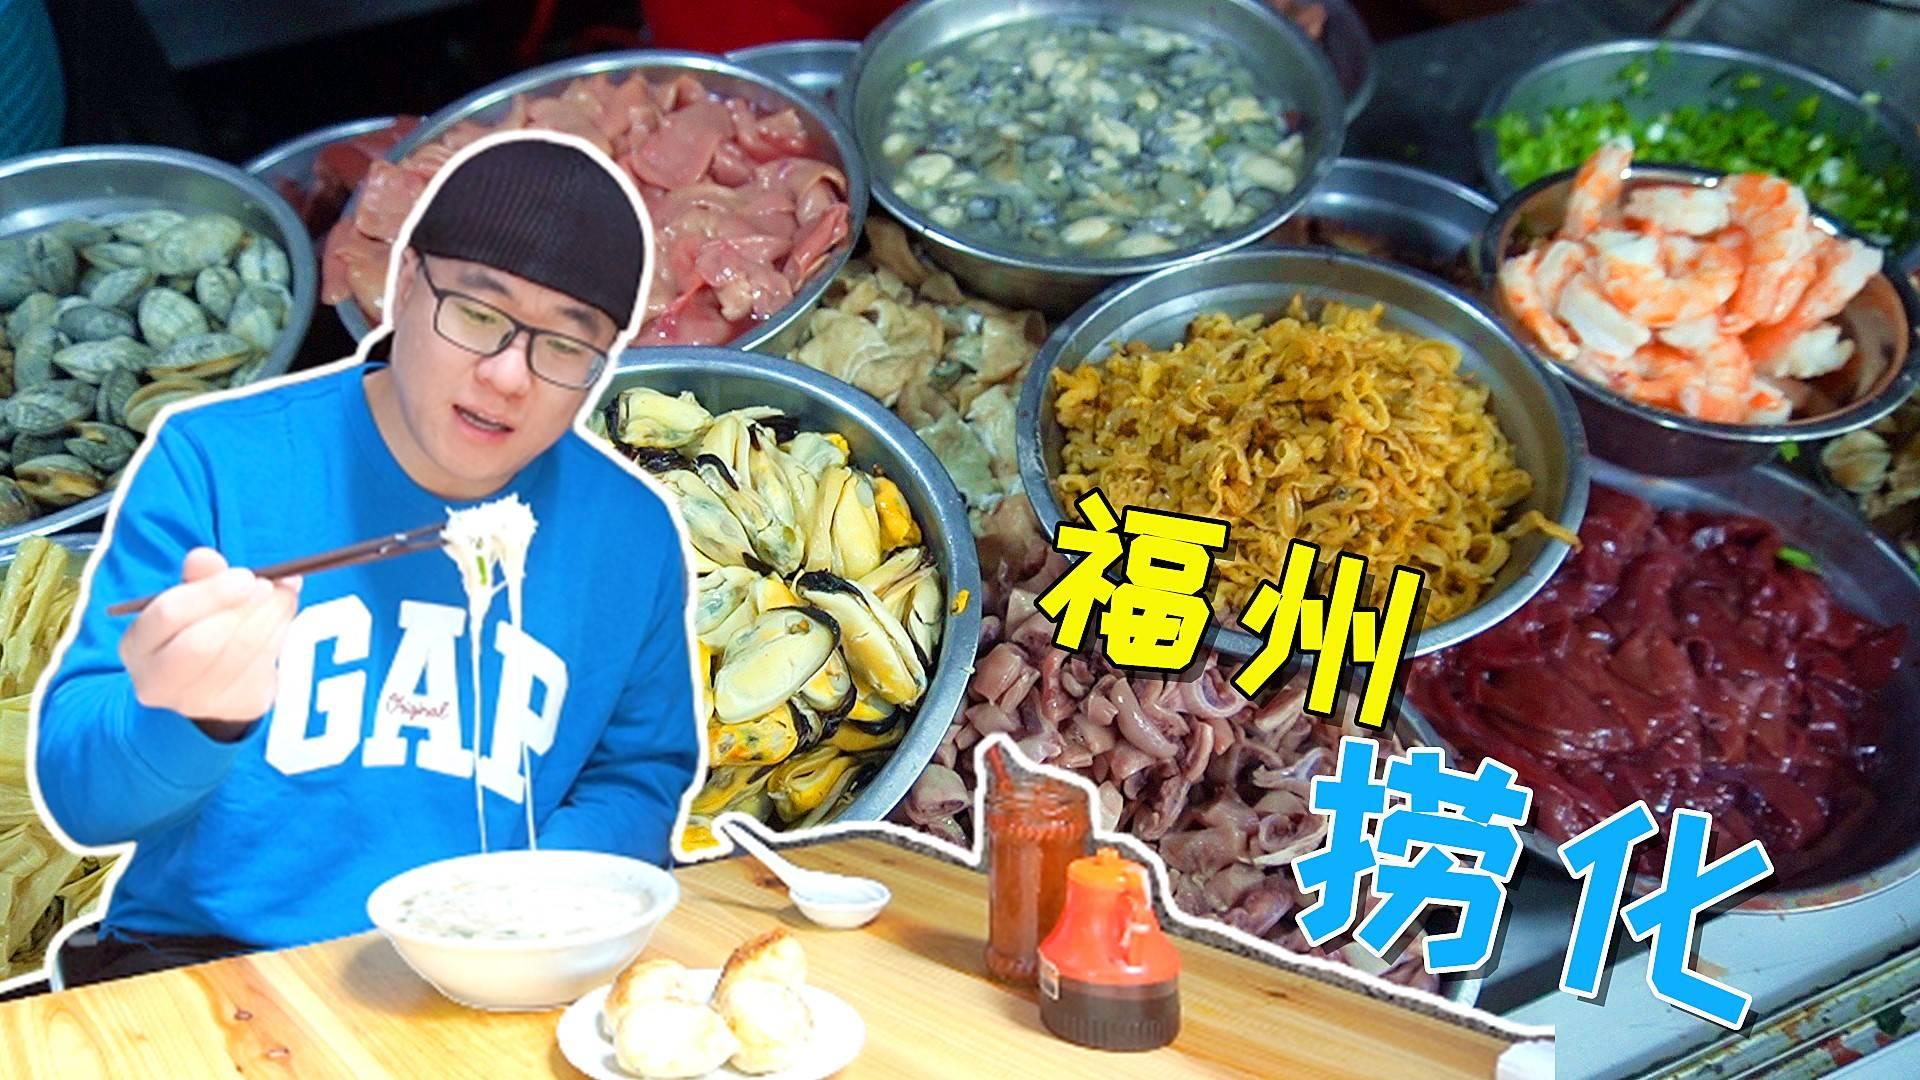 【阿星探店福州小吃捞化,米粉细如发丝,加鱿鱼13一碗,几十种配菜